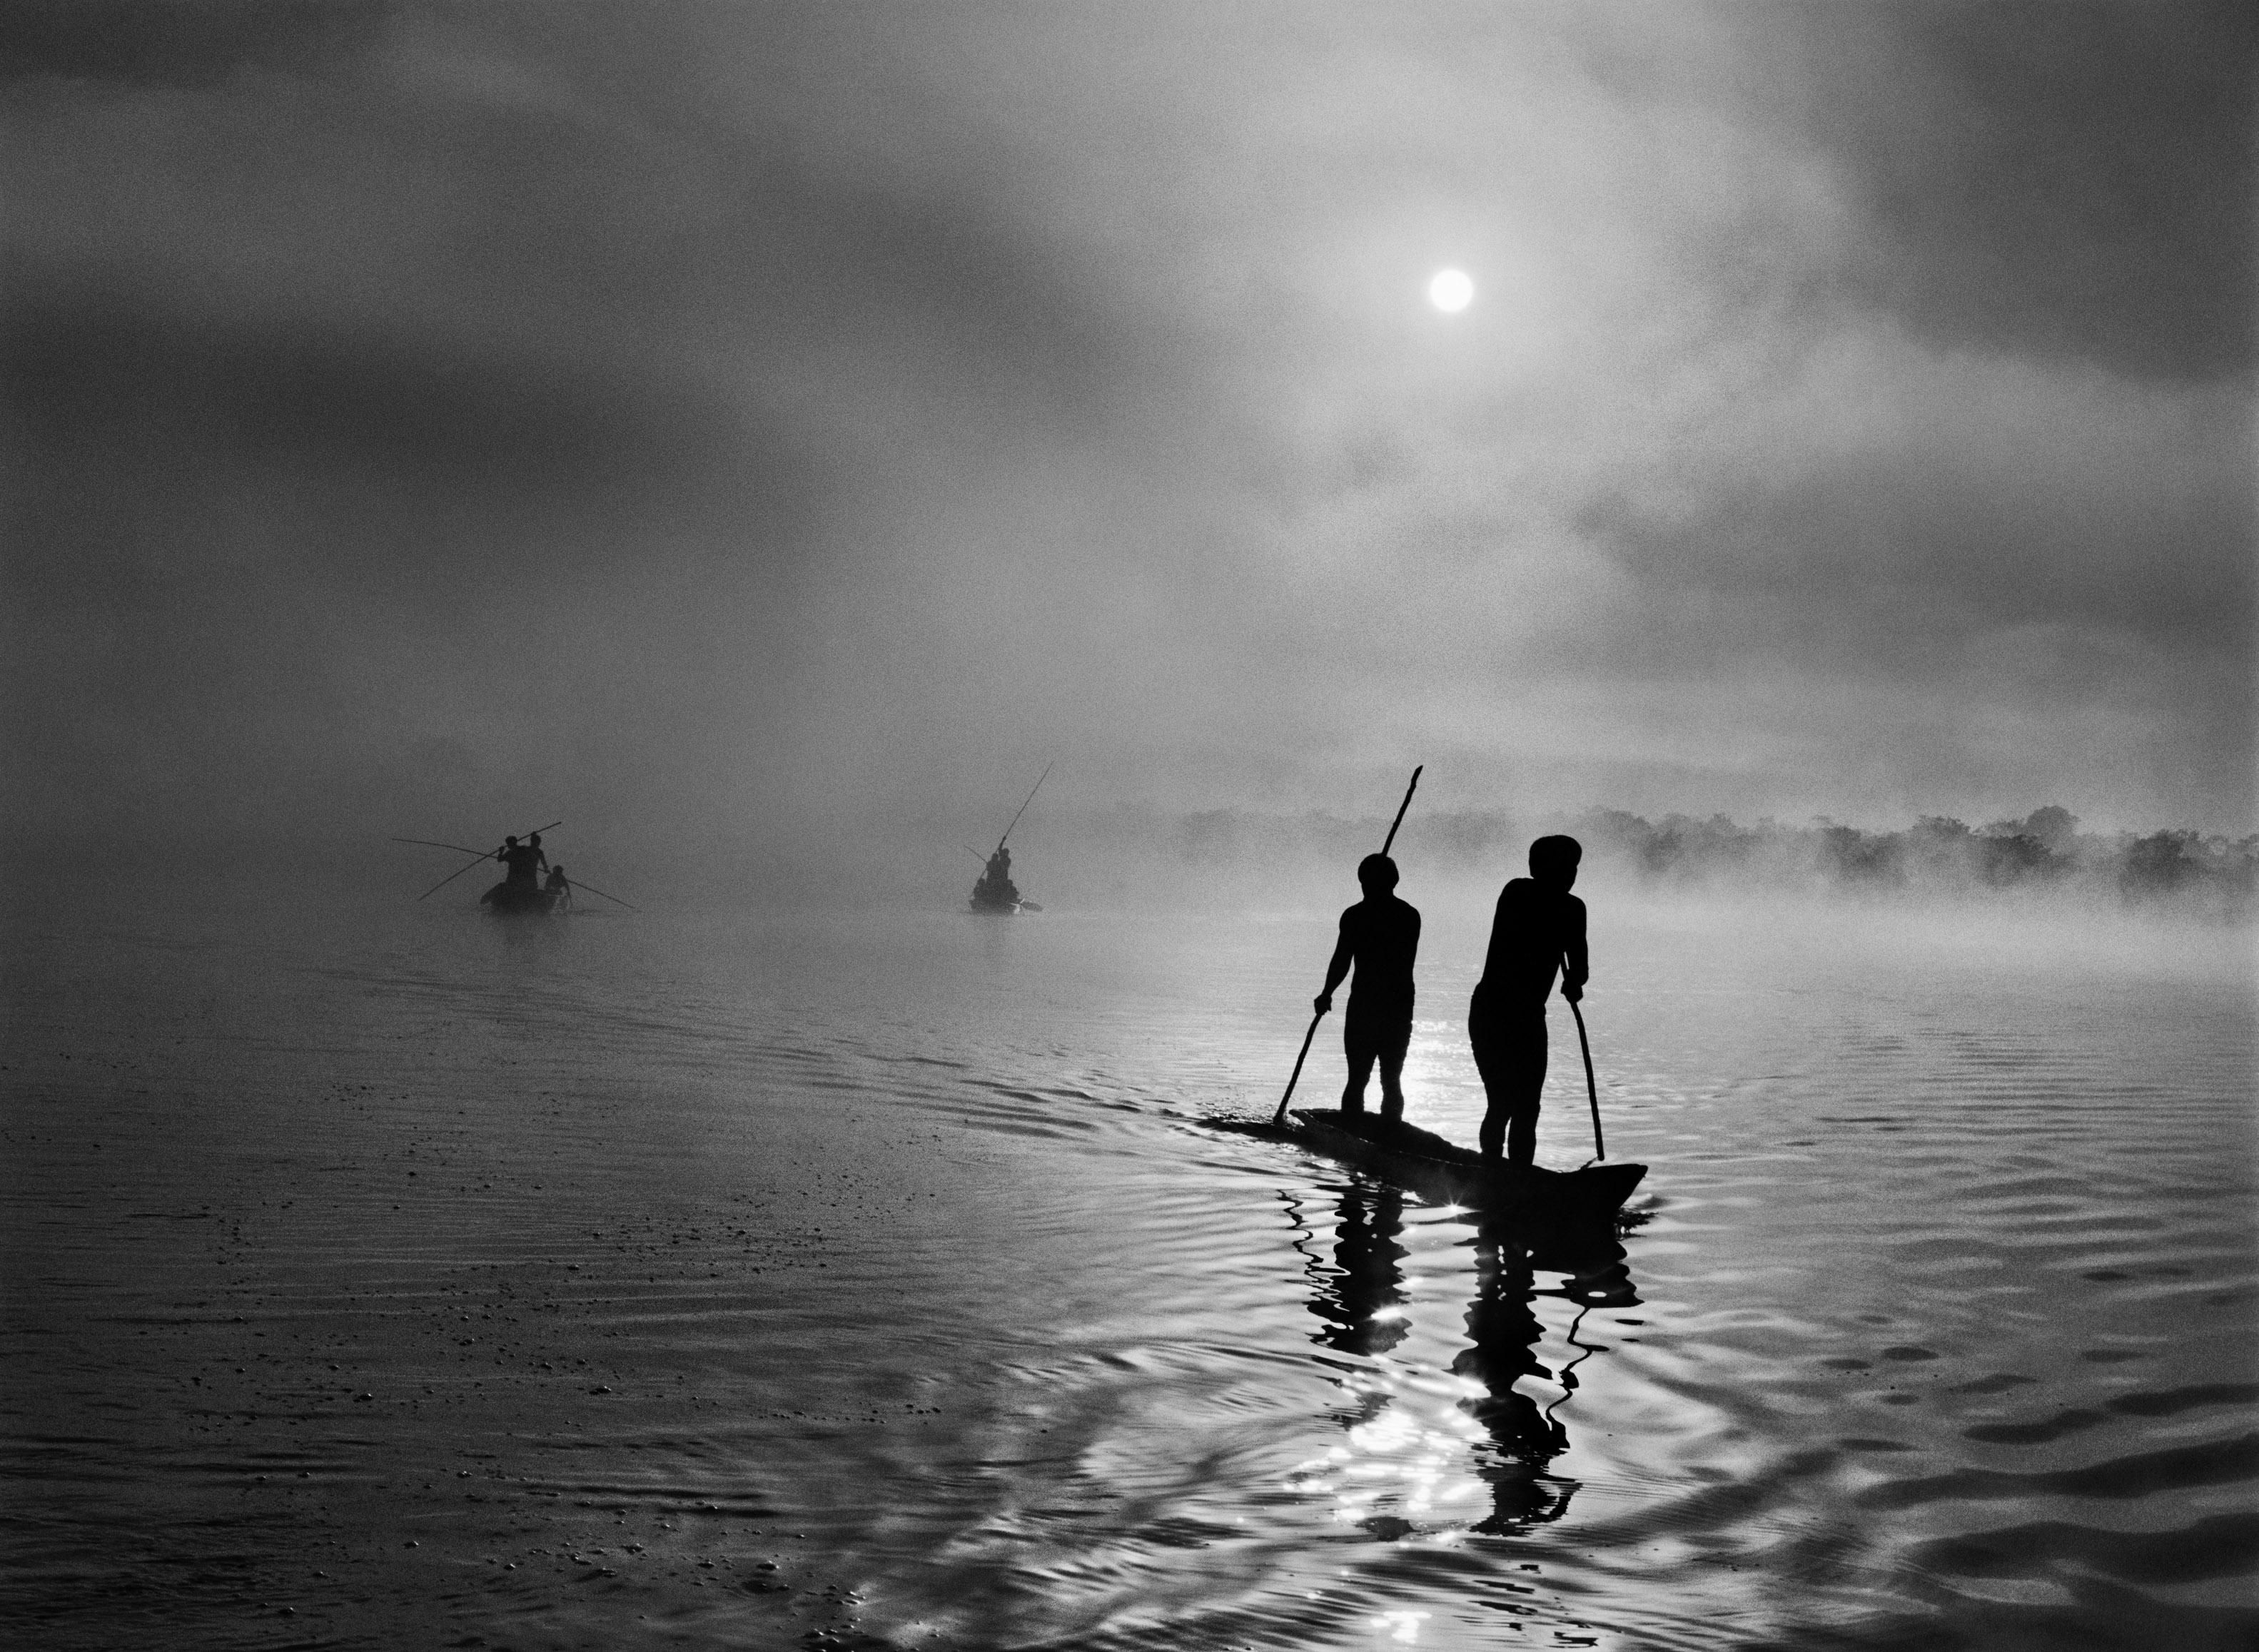 <p>Na região do Alto Xingu, no estado do Mato Grosso, um grupo de índios waurá pesca na lagoa Piyulaga, perto da sua aldeia. A bacia do Alto Xingu abriga uma população de etnias diversas. Brasil. 2005.</p>